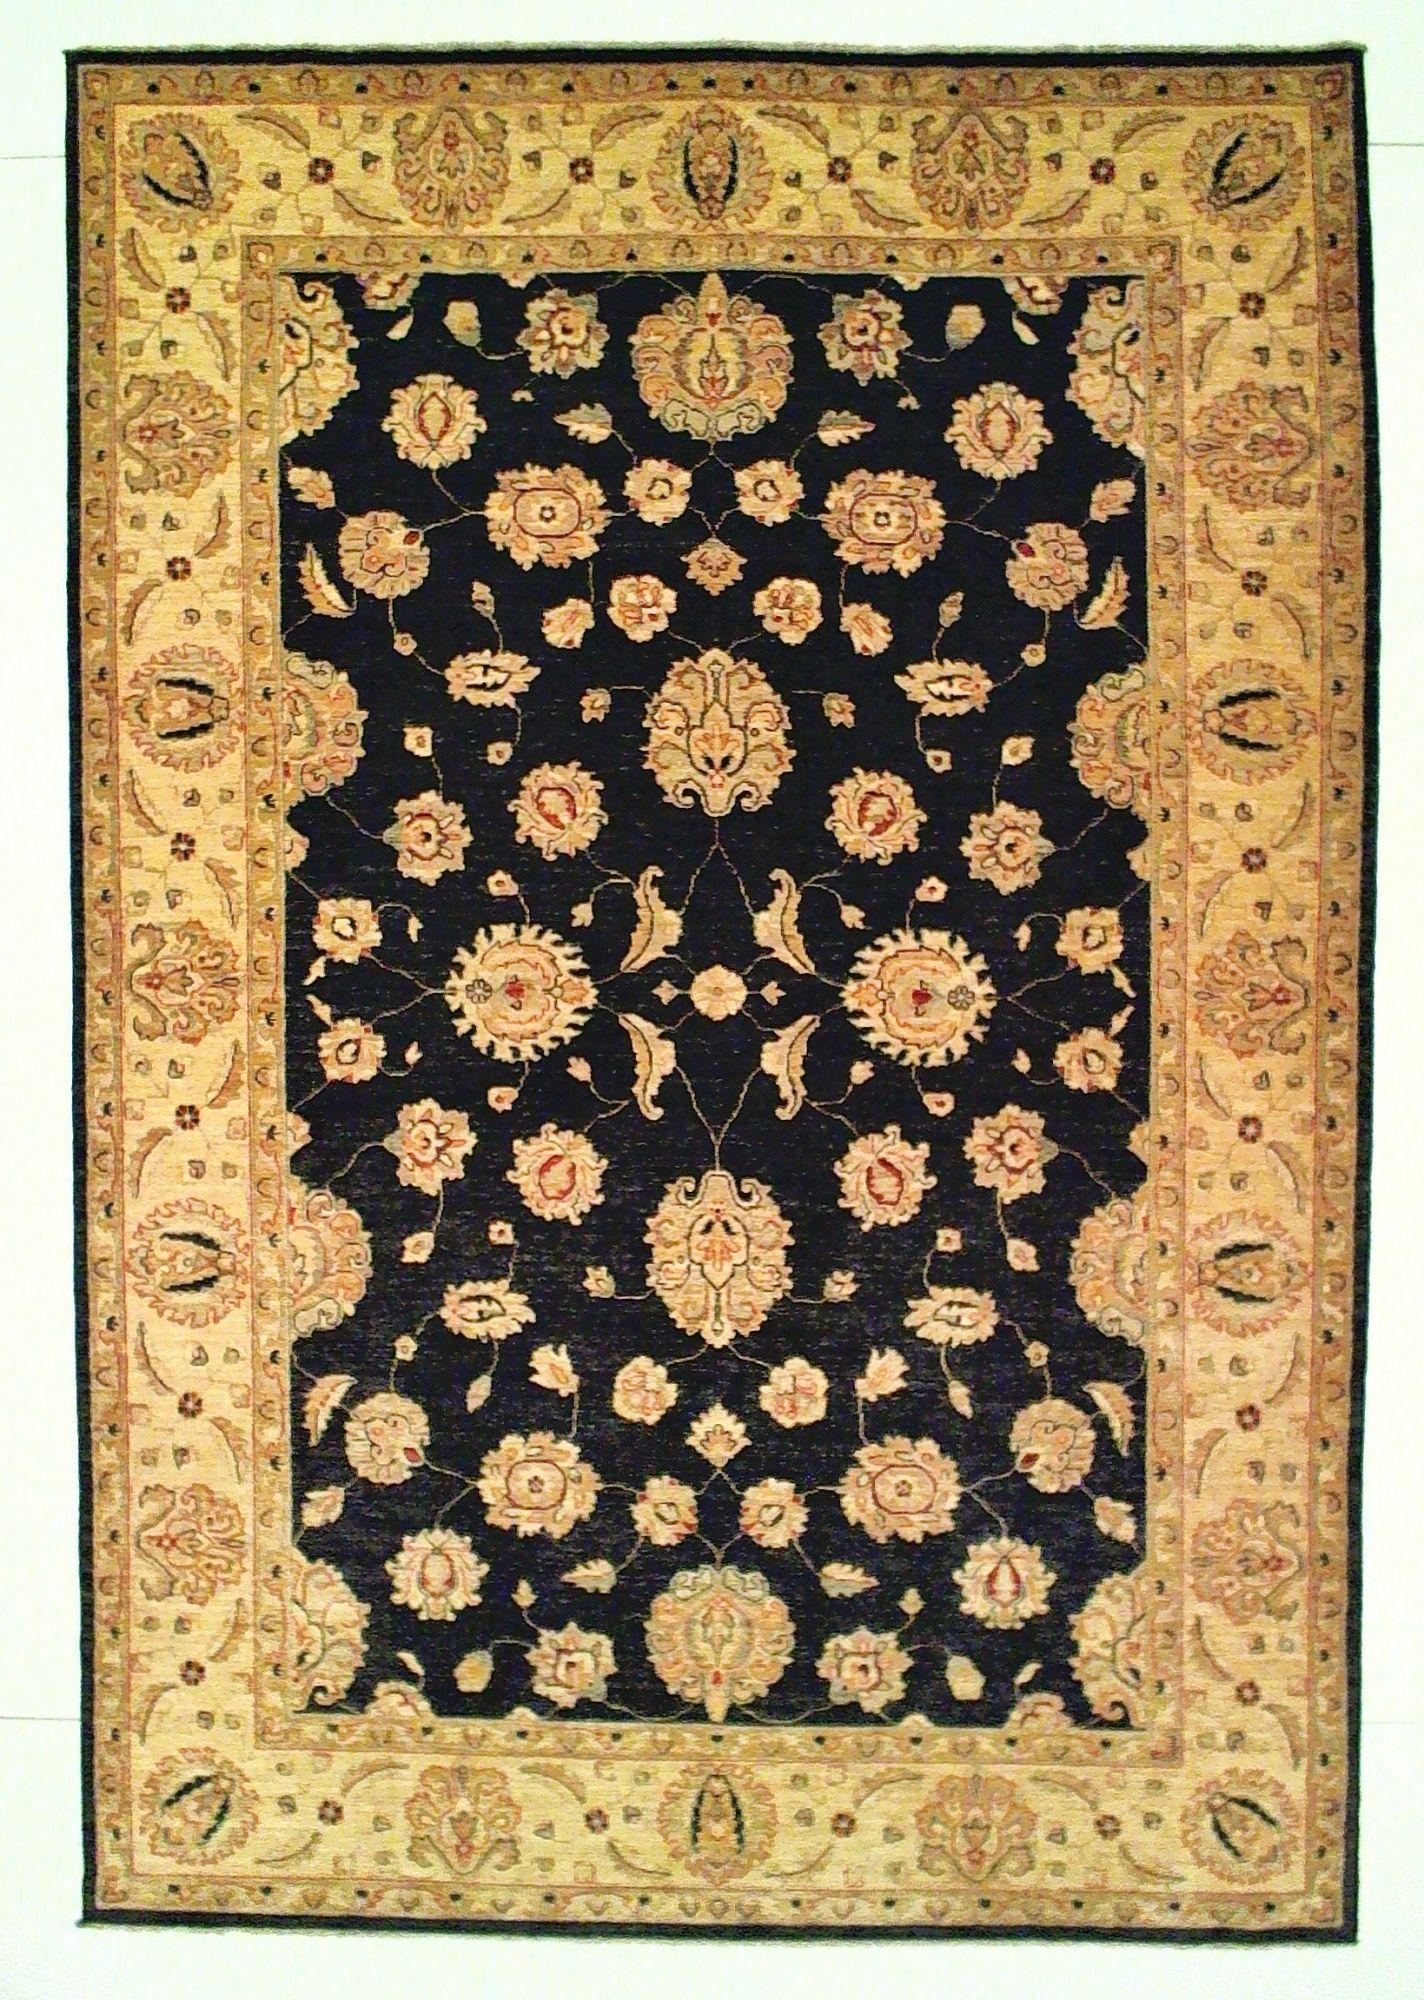 Black And Gold Carpet - Carpet Vidalondon